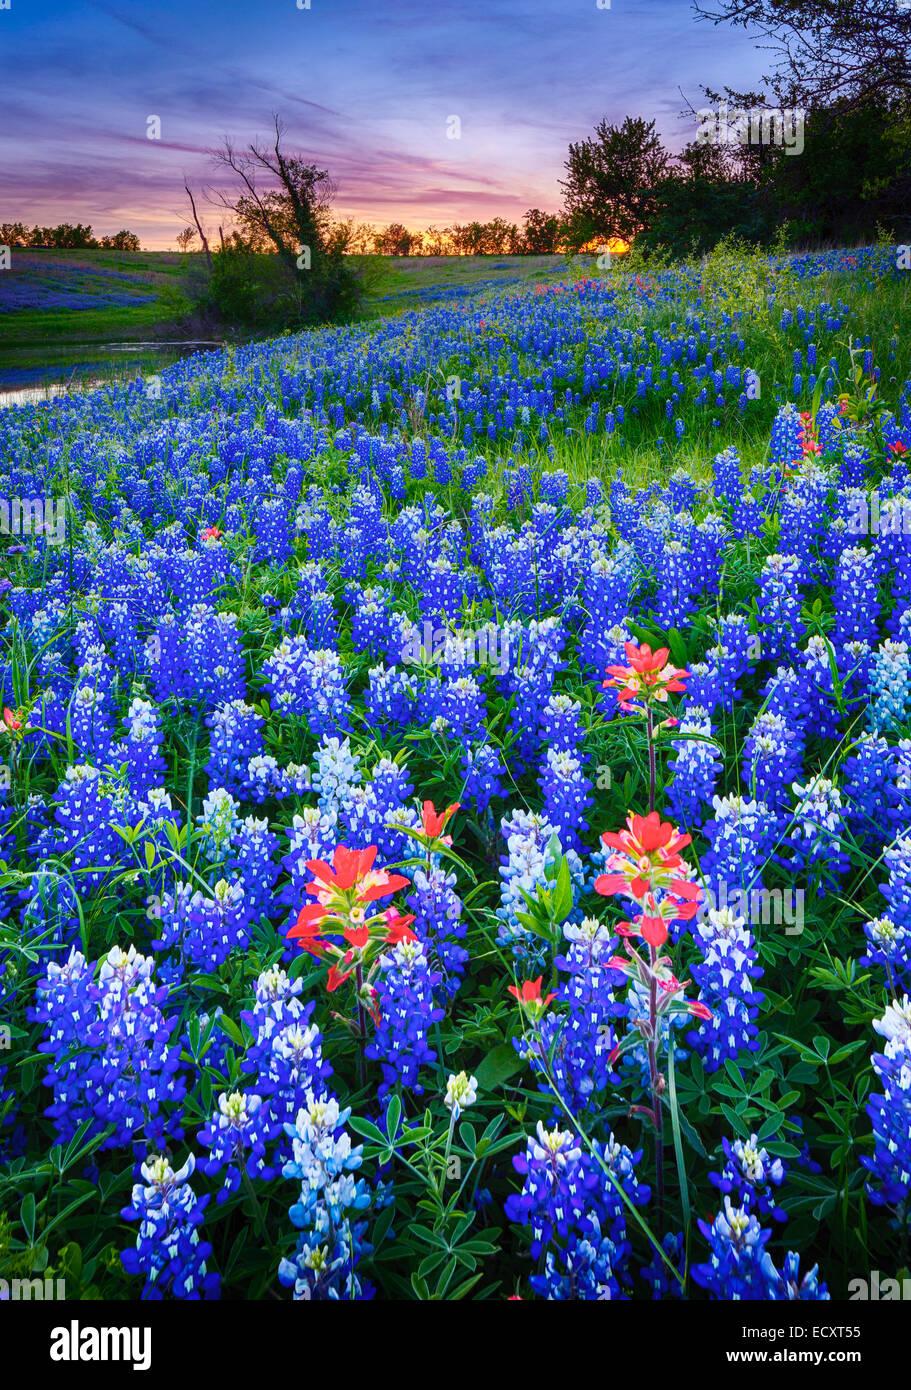 Pinceau et Texas bluebonnets à Ennis, au Texas. Lupinus texensis, Texas bluebonnet, est une espèce de Photo Stock